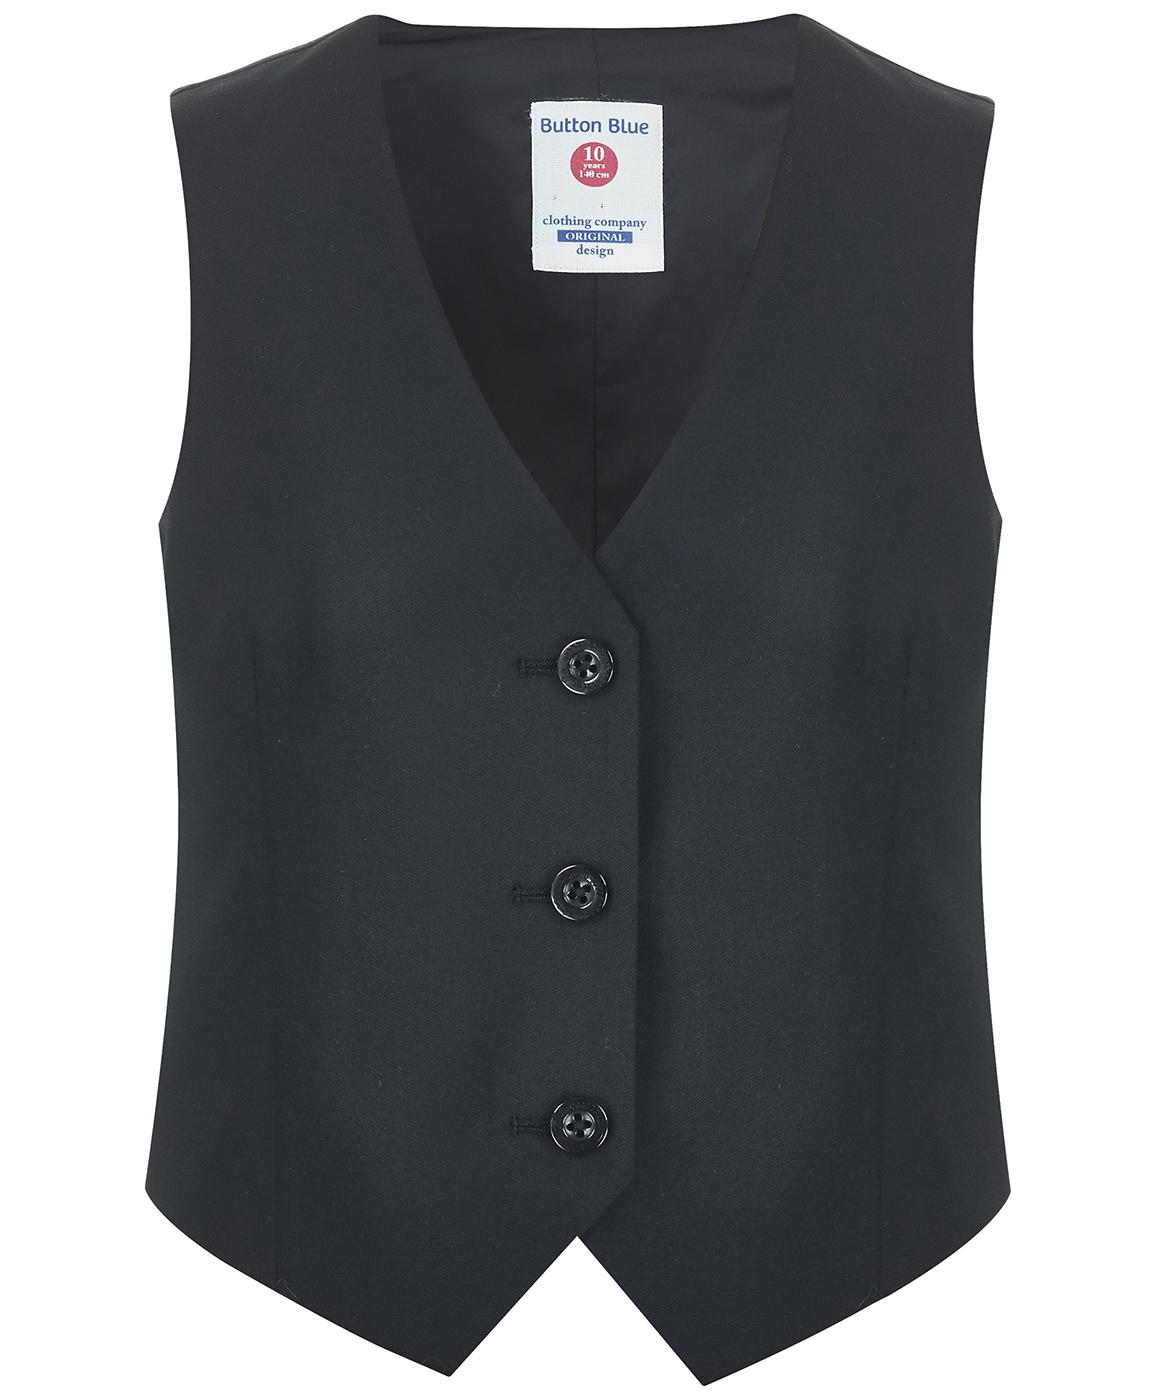 Купить 218BBGS47010800, Жилет Button Blue, черный, 122, Женский, ОСЕНЬ/ЗИМА 2018-2019 (shop: GulliverMarket Gulliver Market)